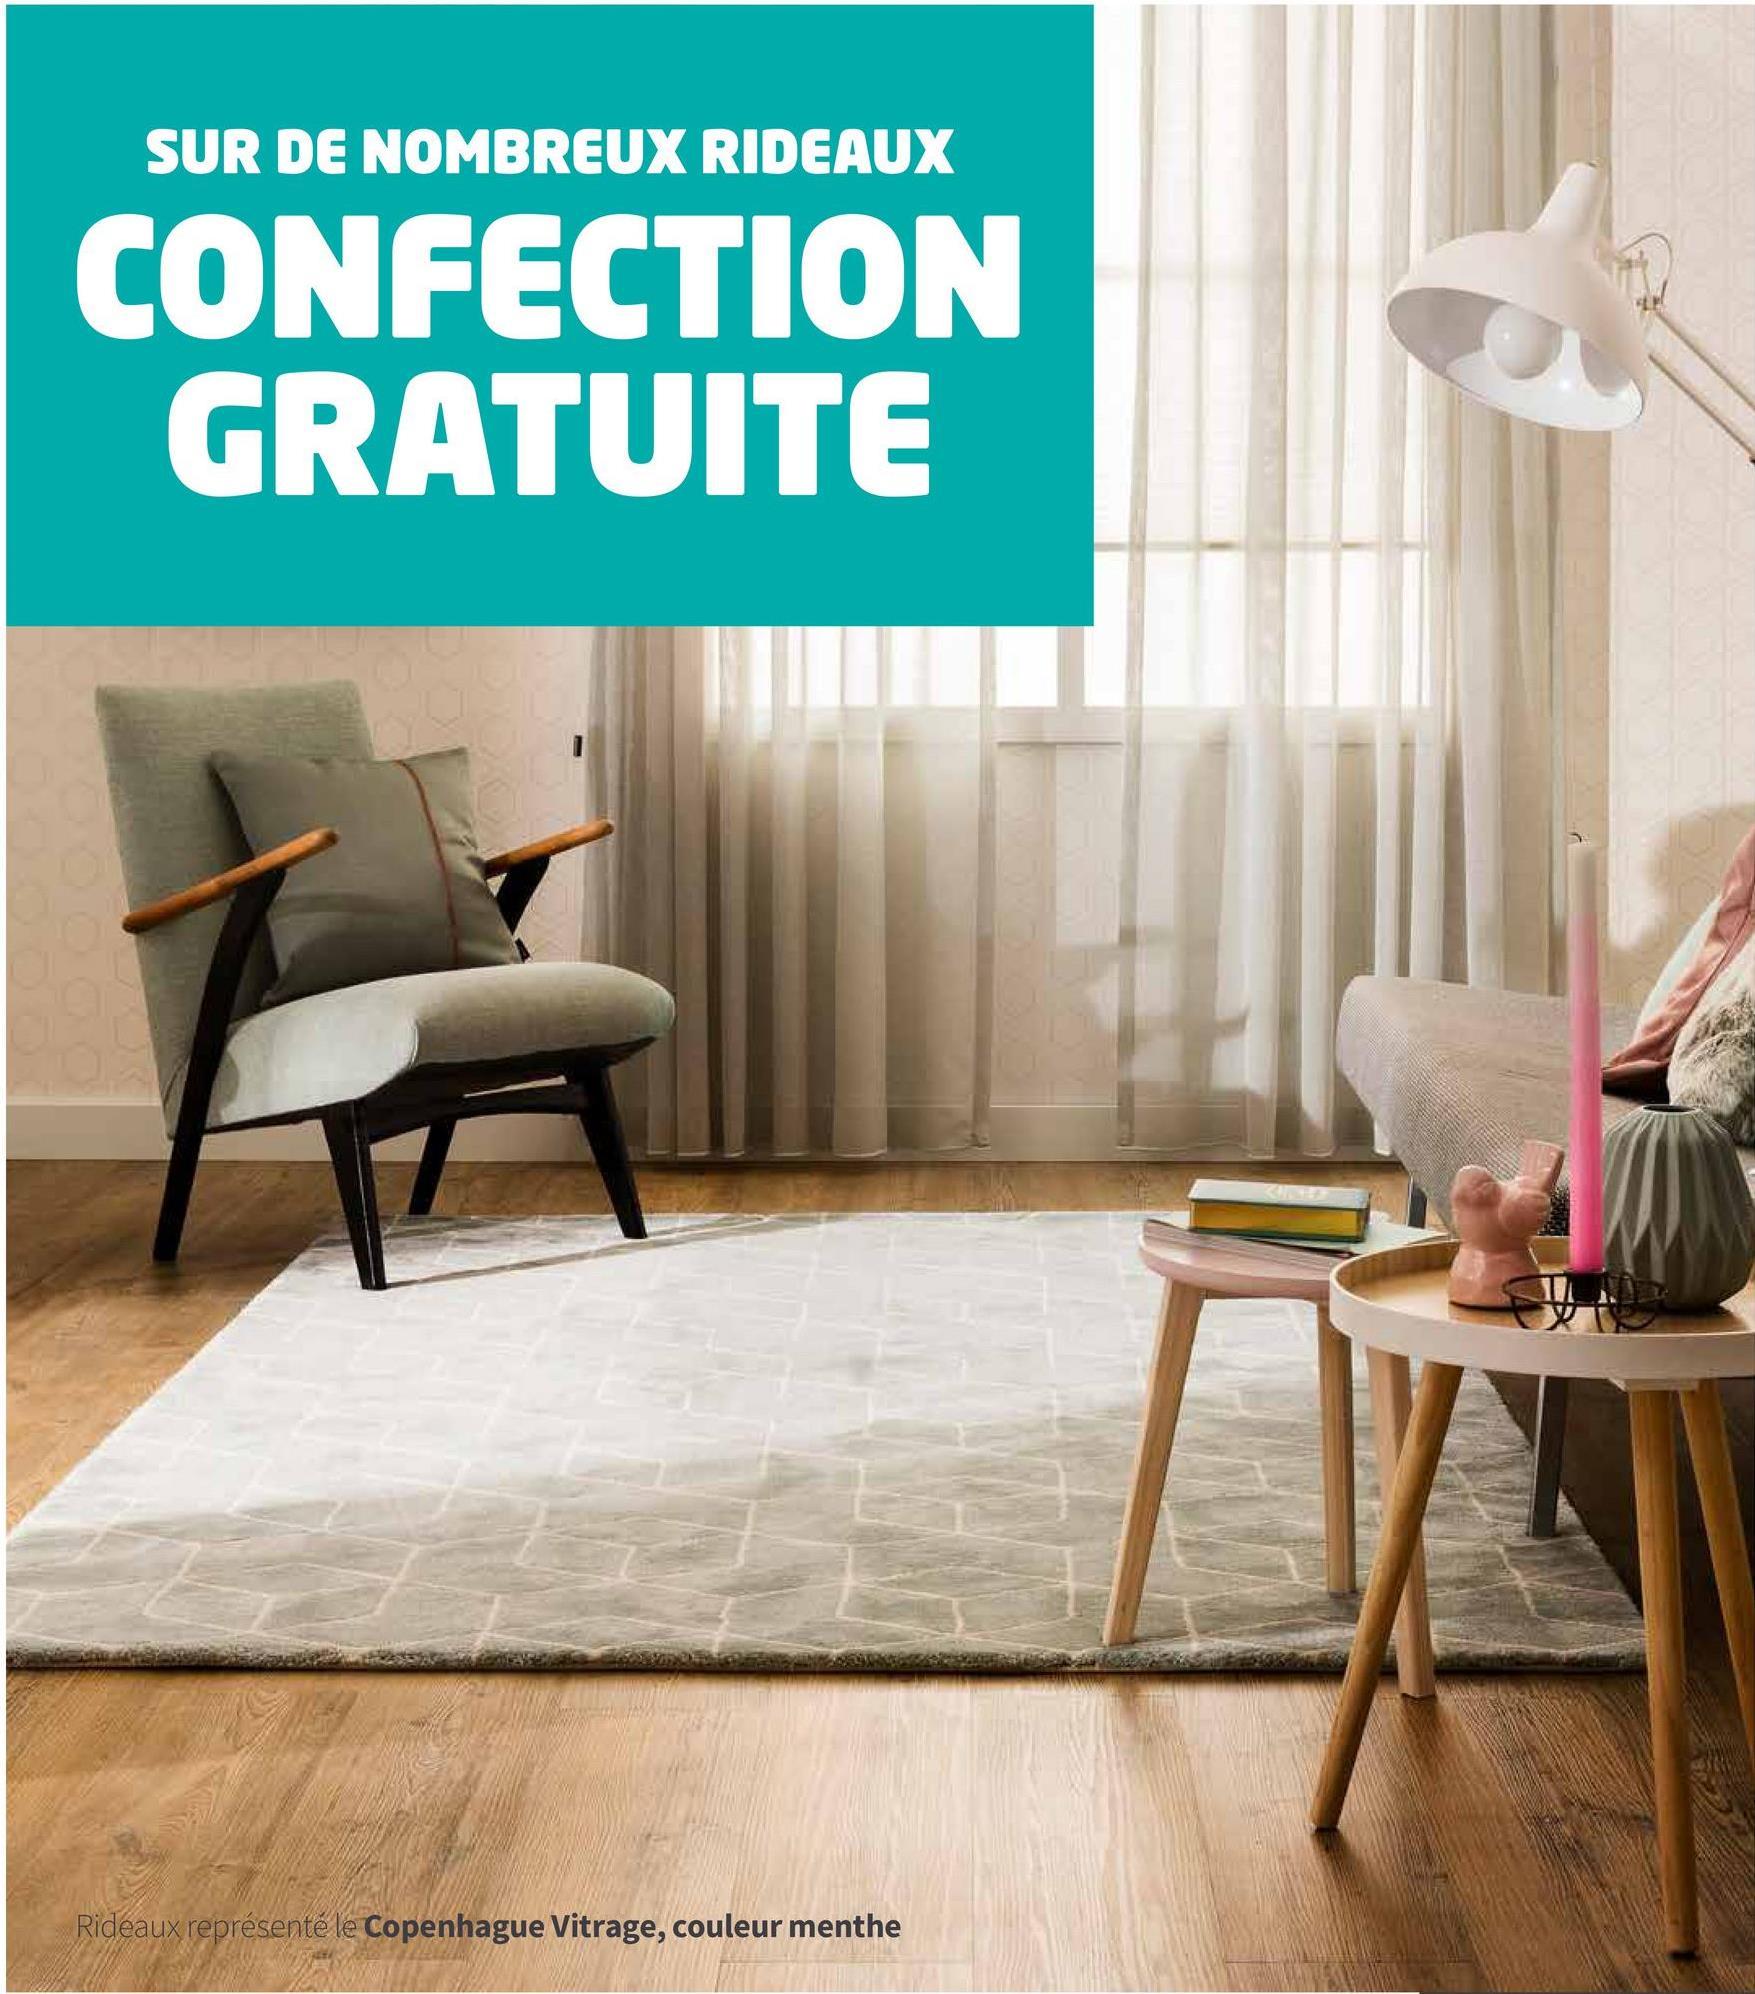 SUR DE NOMBREUX RIDEAUX CONFECTION GRATUITE Rideaux représenté le Copenhague Vitrage, couleur menthe